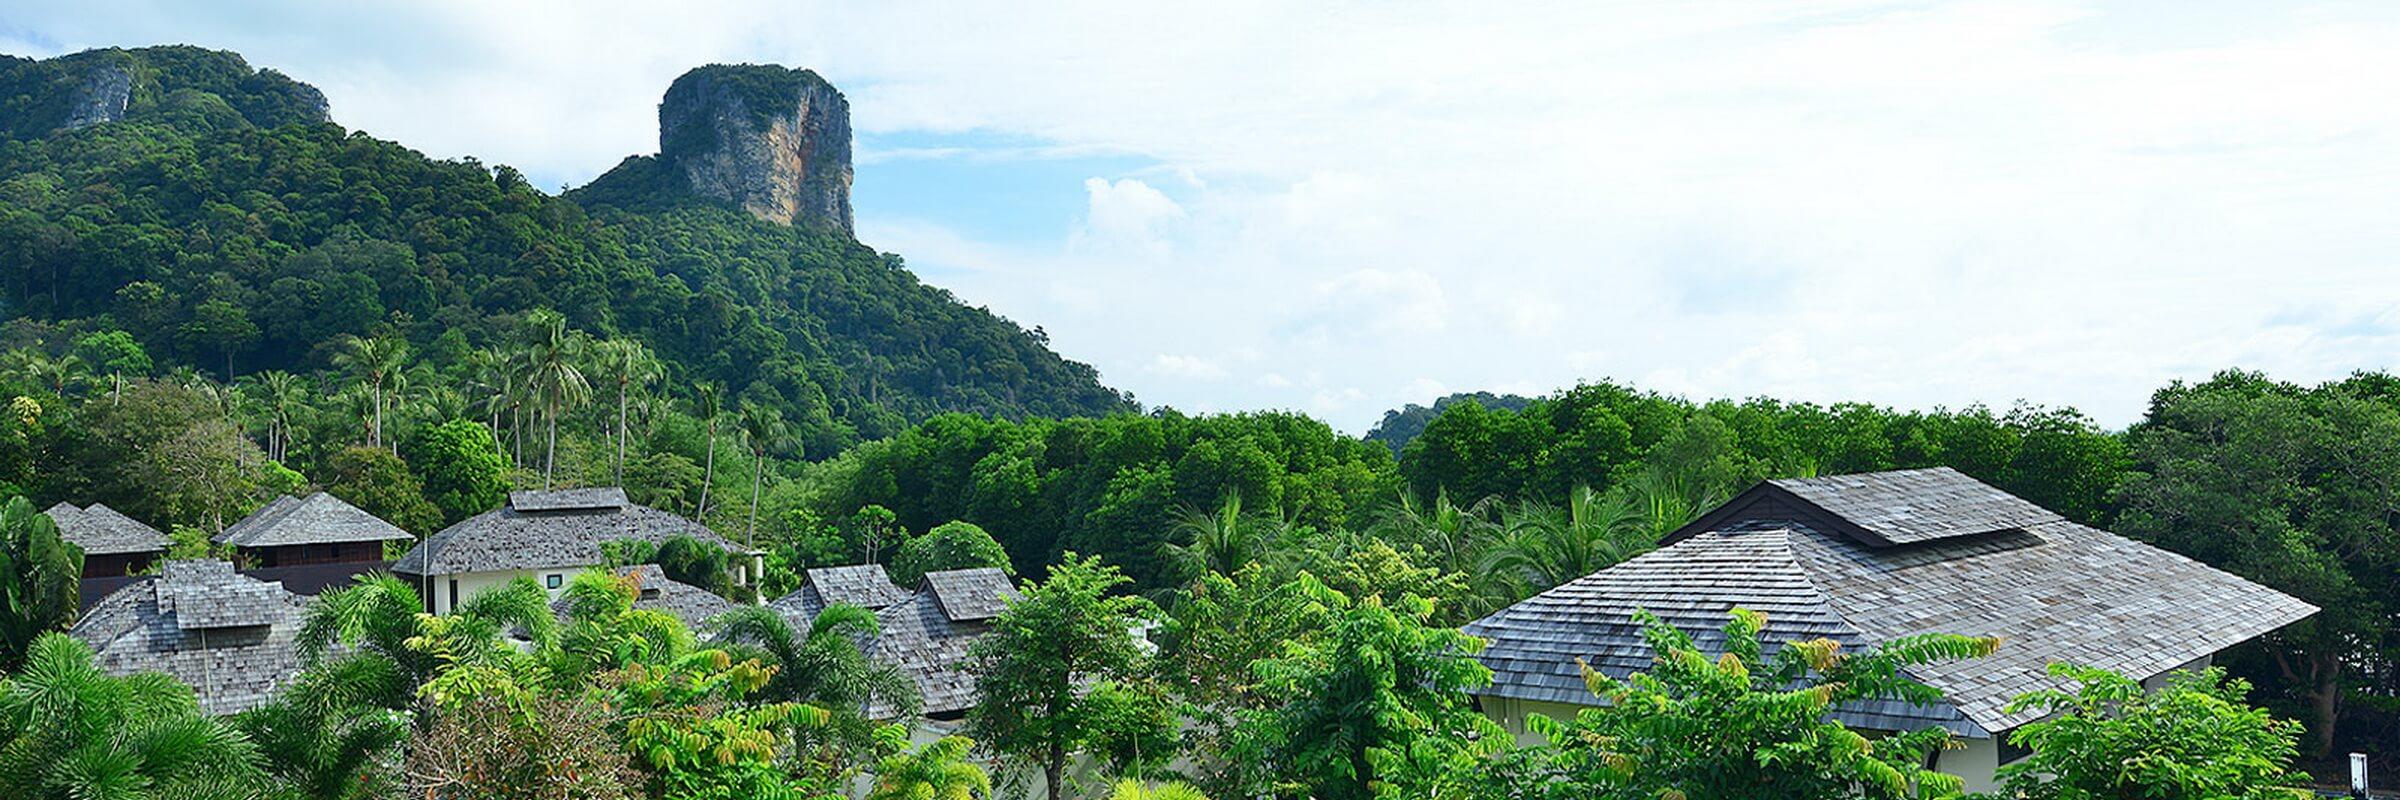 Die grandiose Aussicht vom Bhu Nga Thani Resort & Spa auf die Kalksteinfelsen